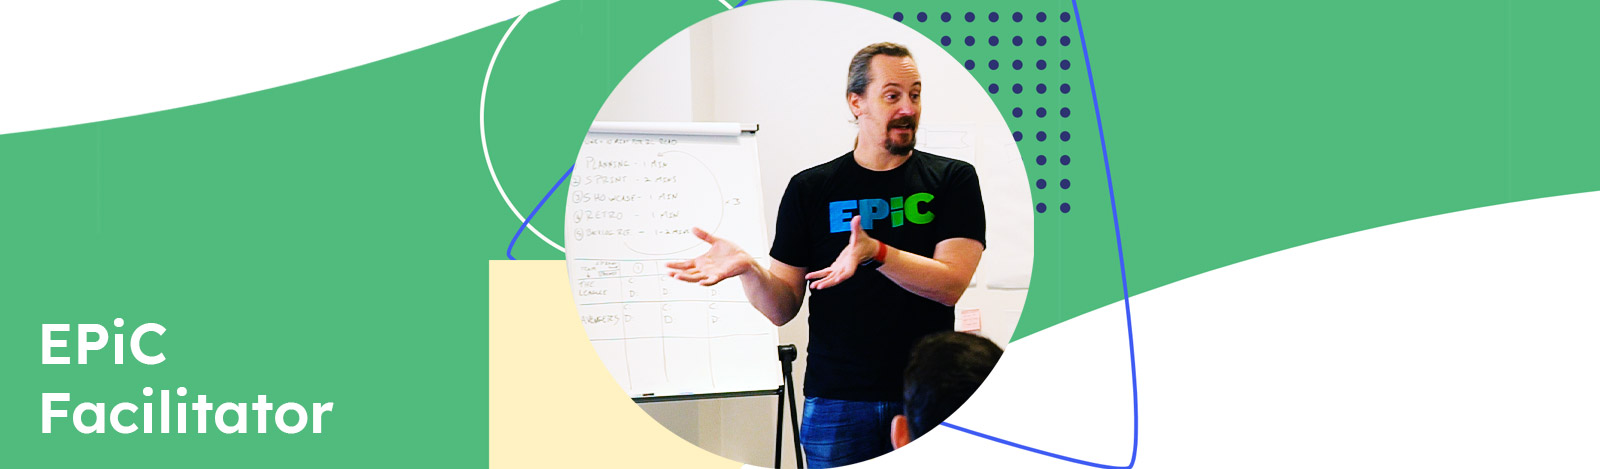 Courses-Epic-Agile---Facilitator-Training_ARLO_1600x469.jpg